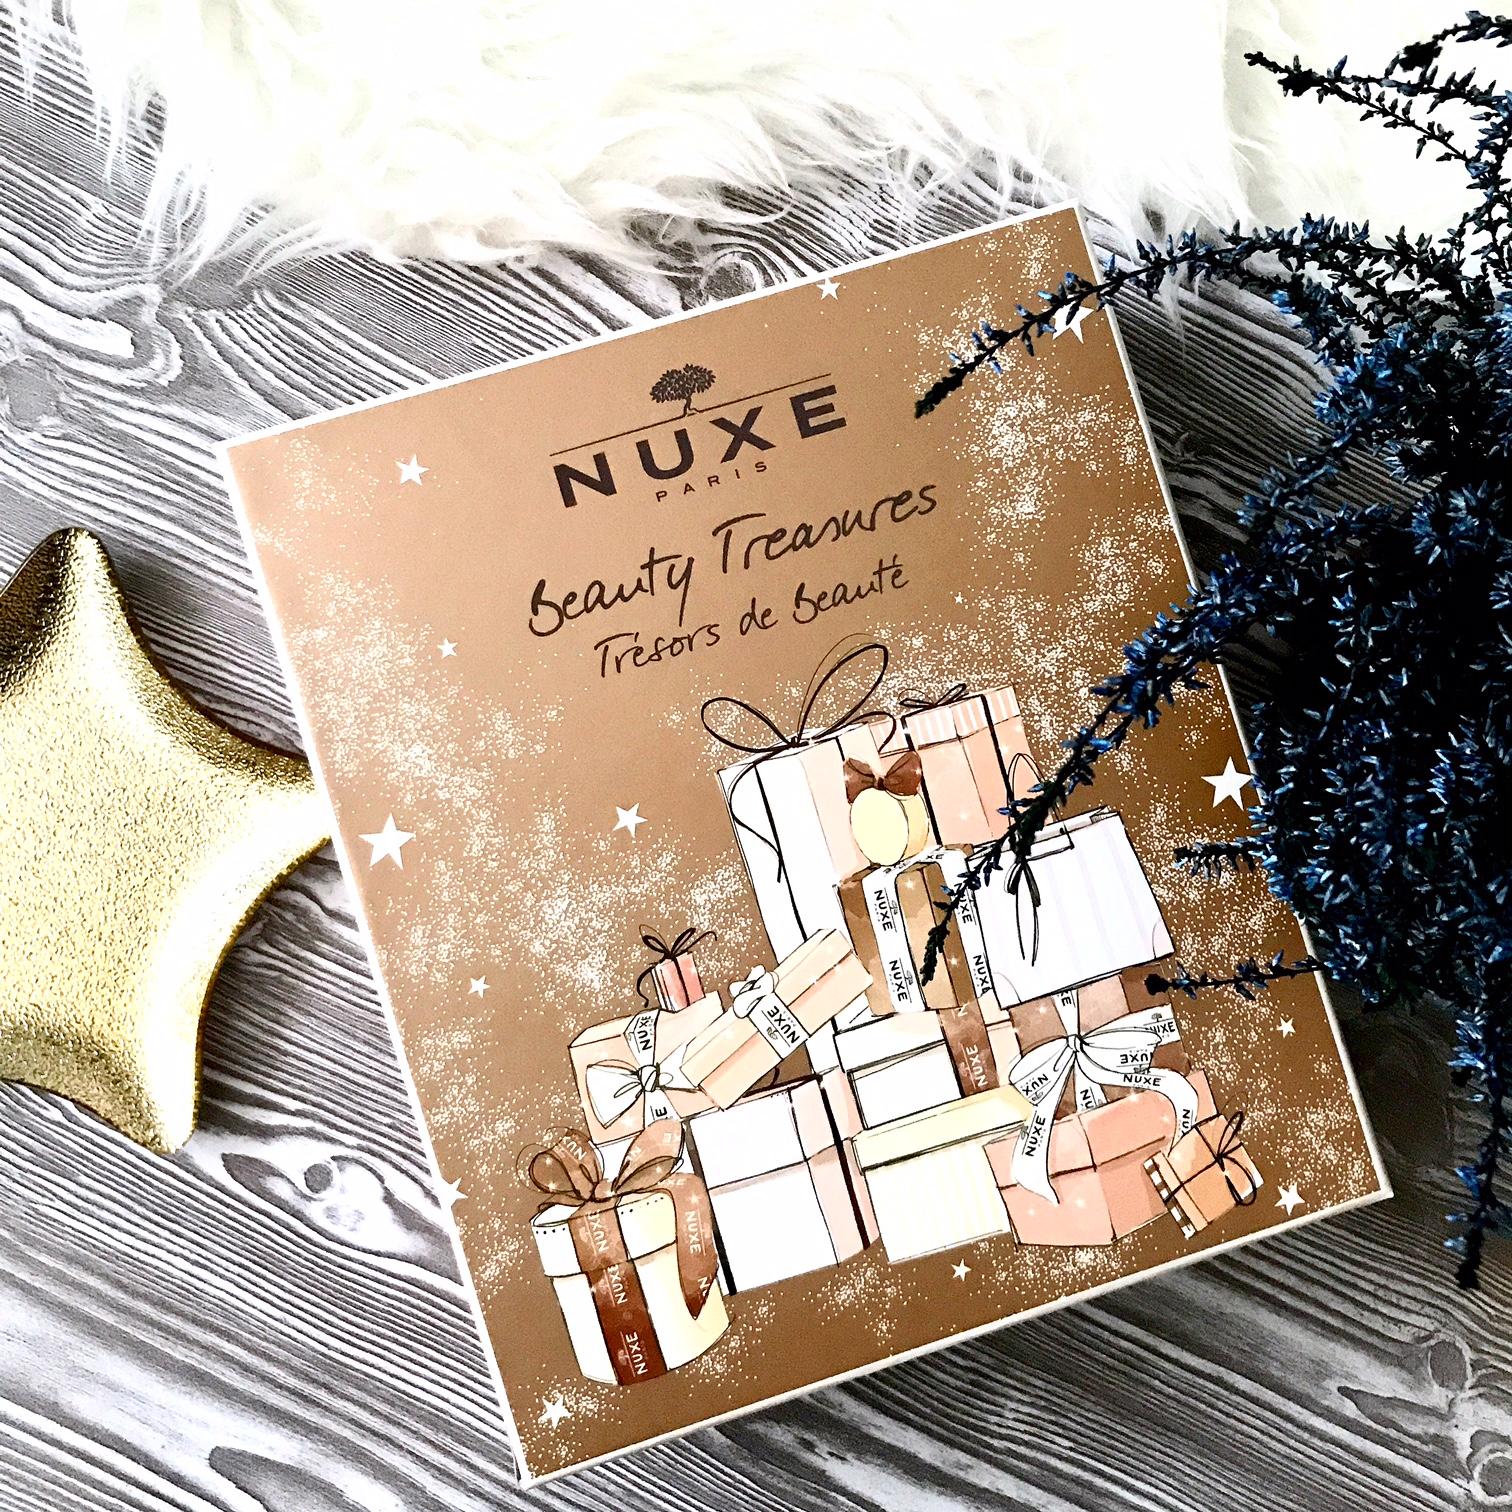 zdjęcie na którym znajduje się Kalendarz Adwentowy Nuxe Beauty Treasures